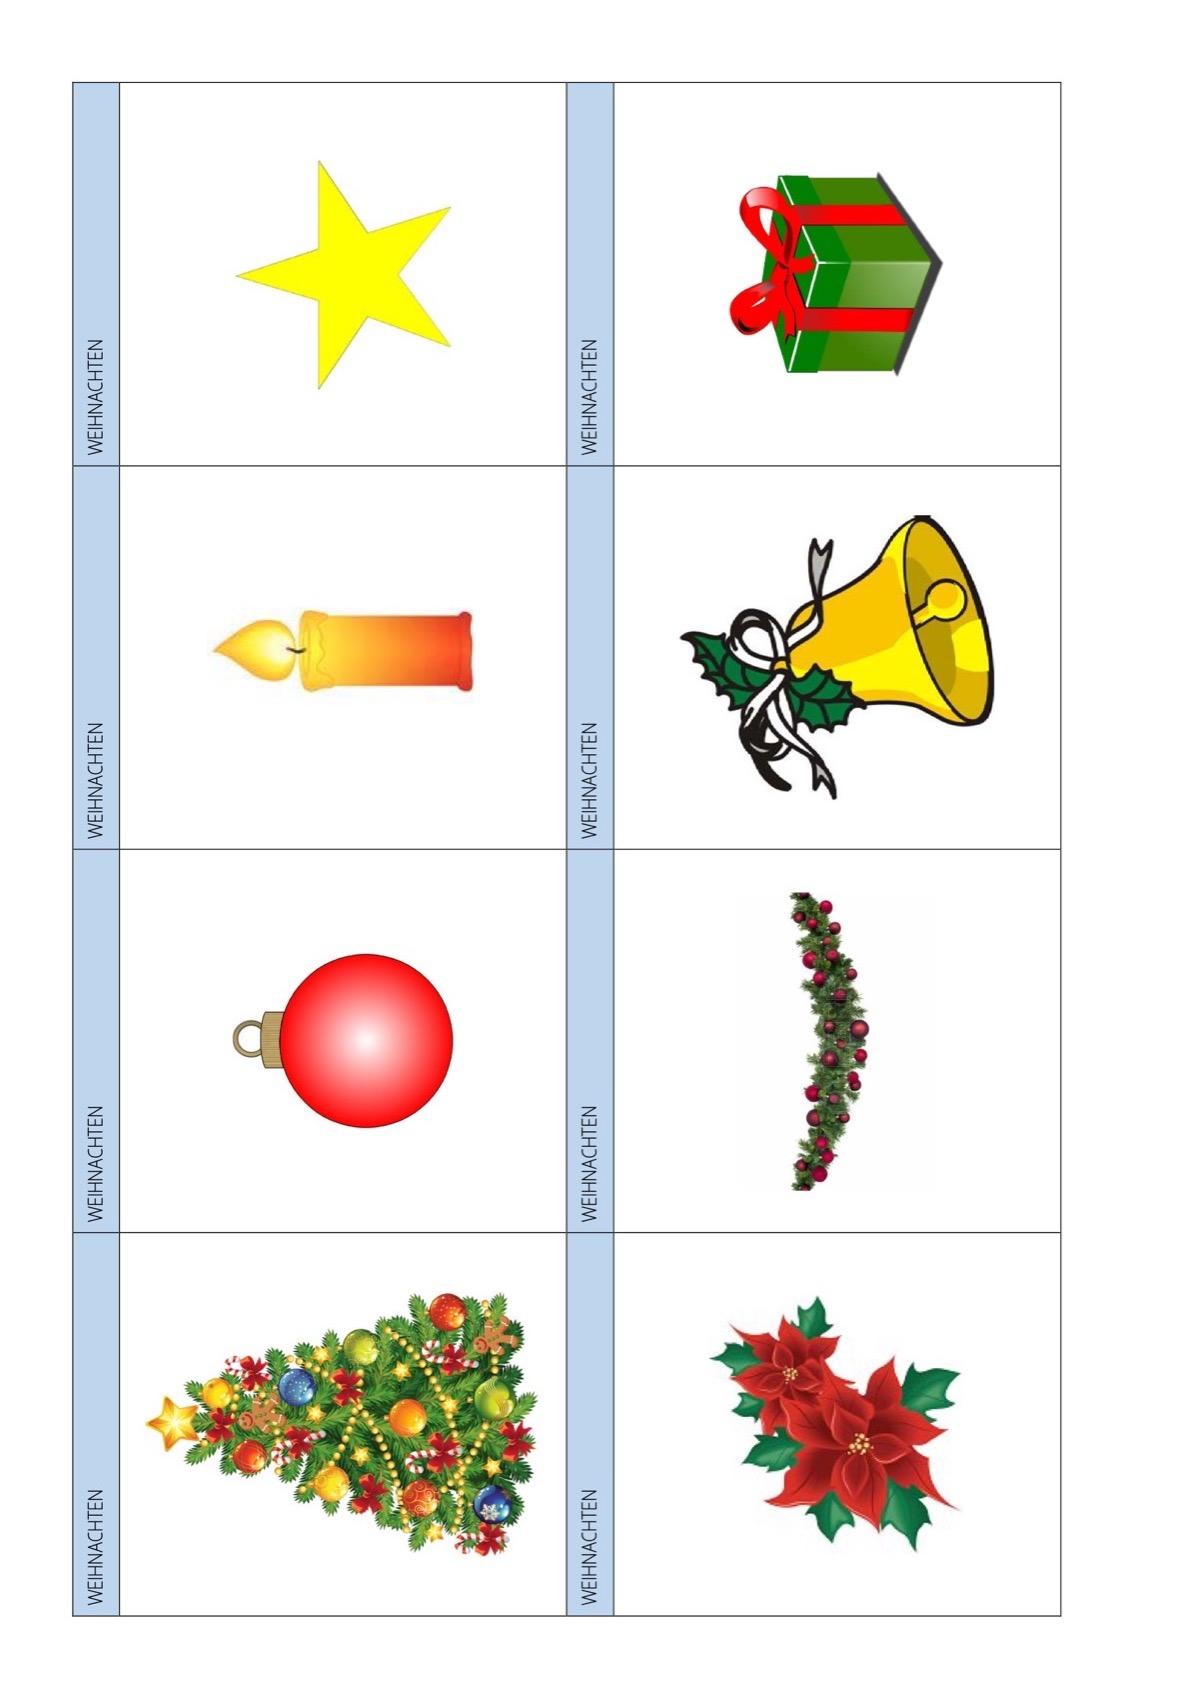 Sammlungen mit Lerntrainer: Wortschatz-Weihnachten - SES - madoo.net